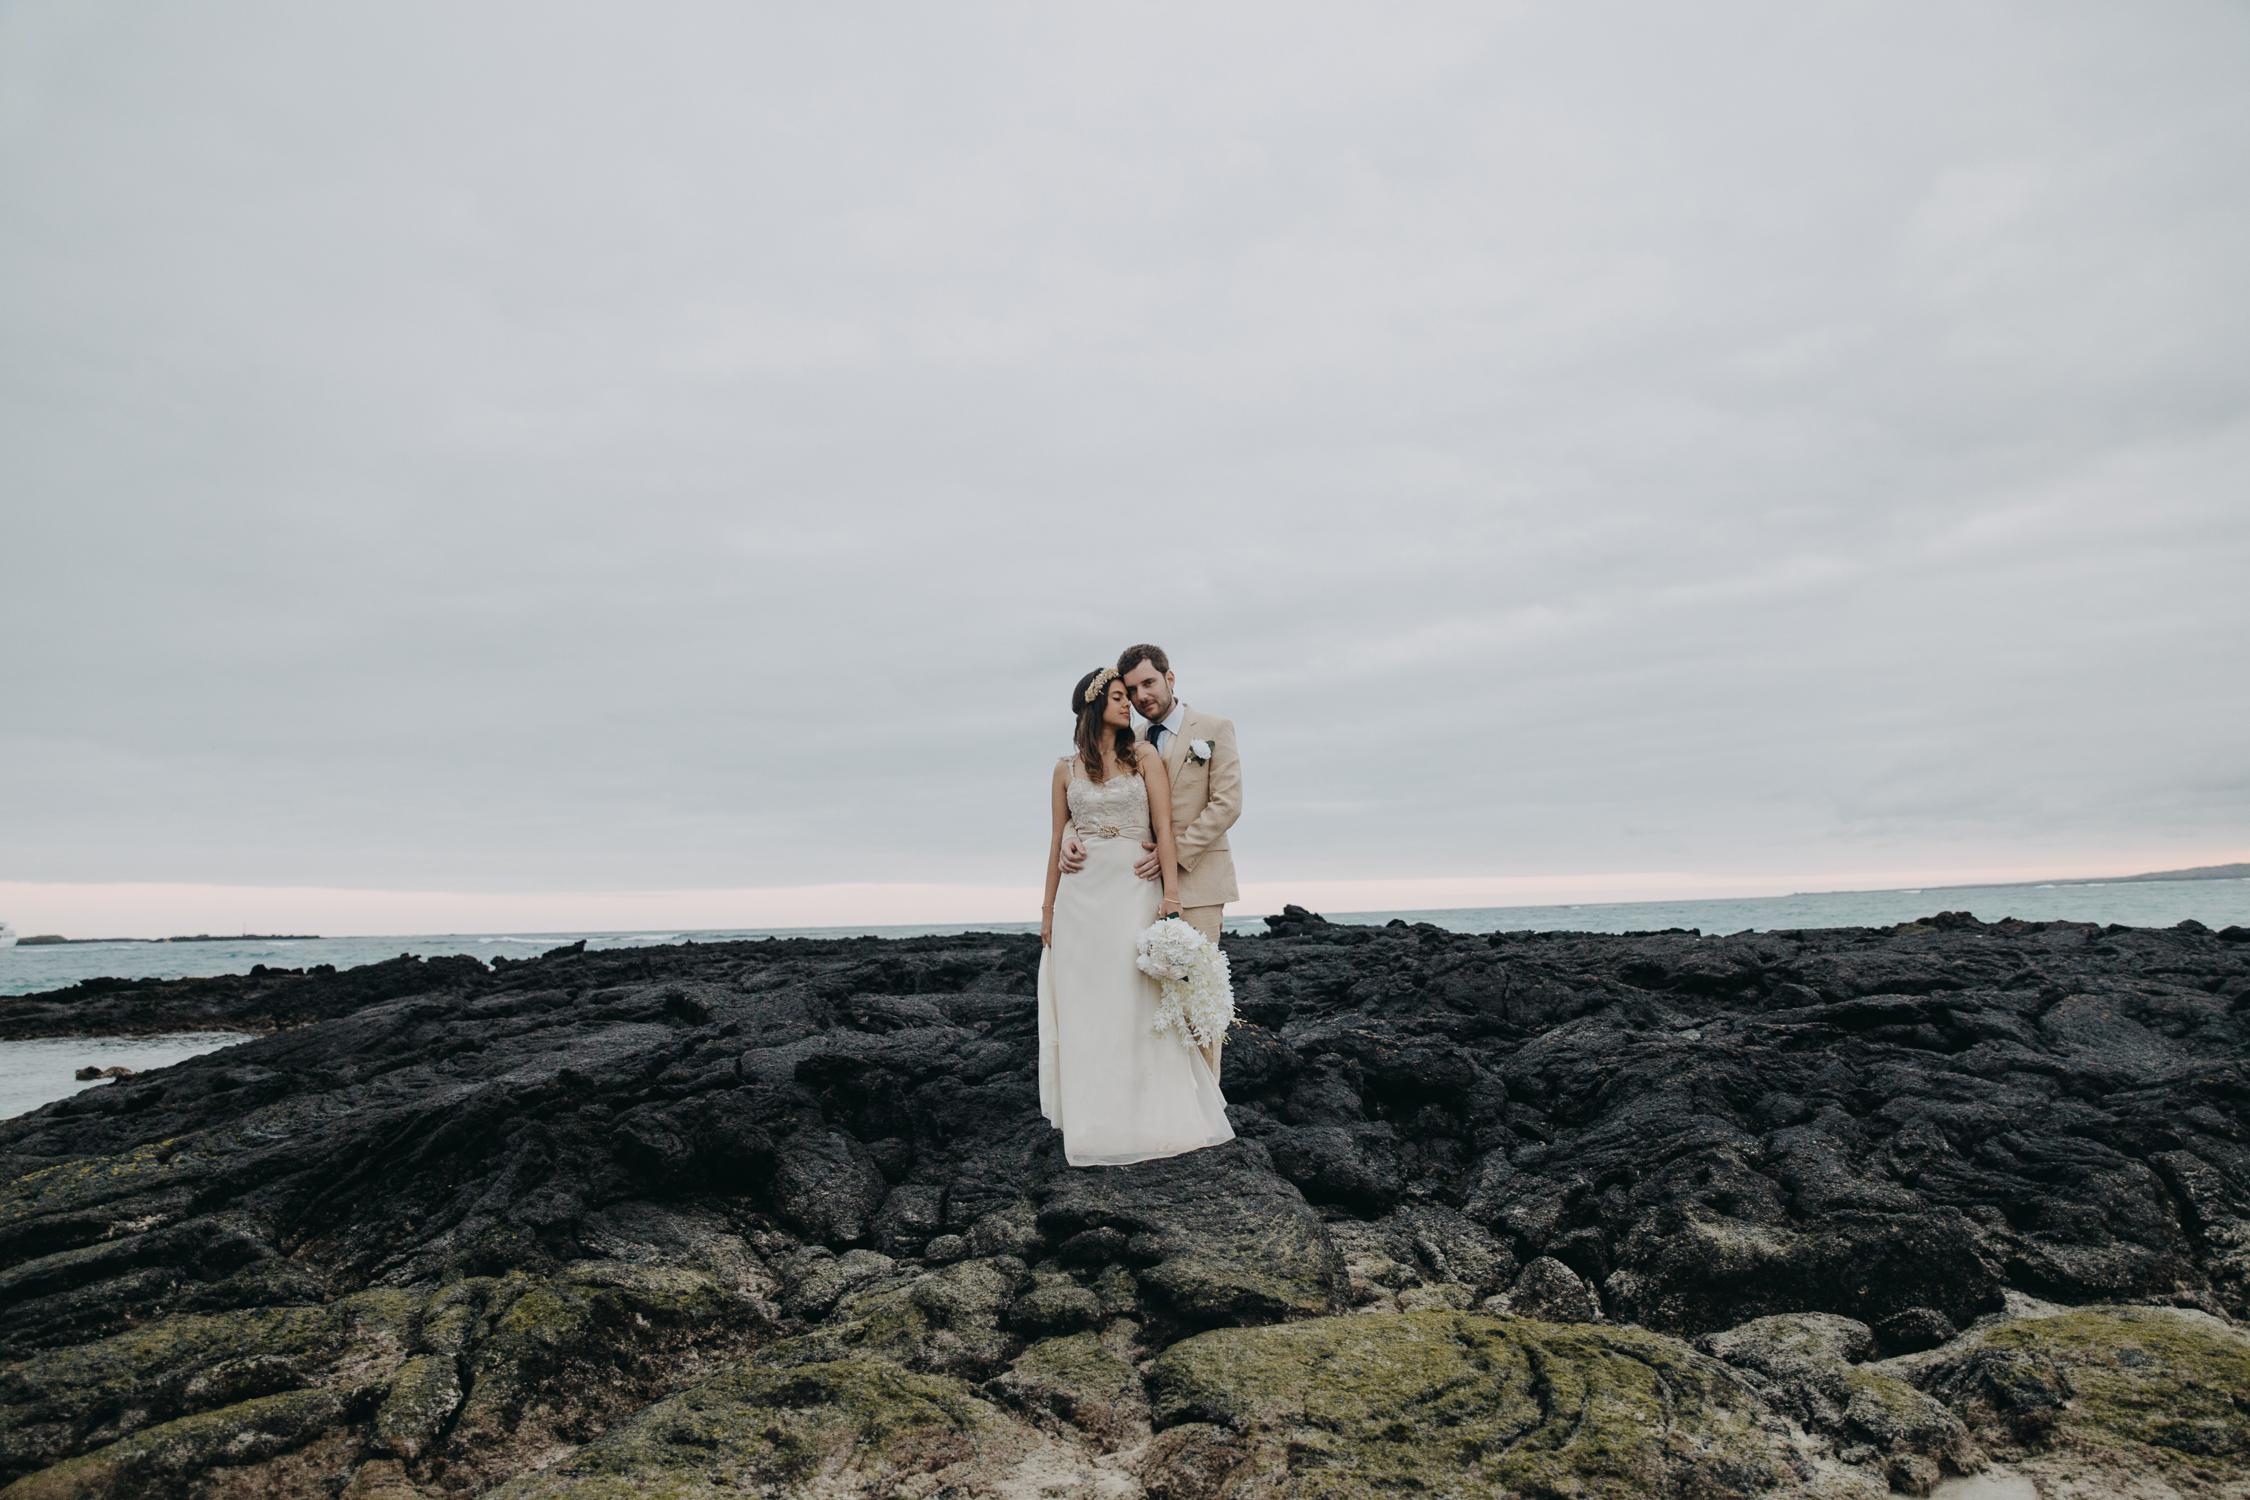 Michelle-Agurto-Fotografia-Bodas-Ecuador-Destination-Wedding-Photographer-Galapagos-Andrea-Joaquin-236.JPG